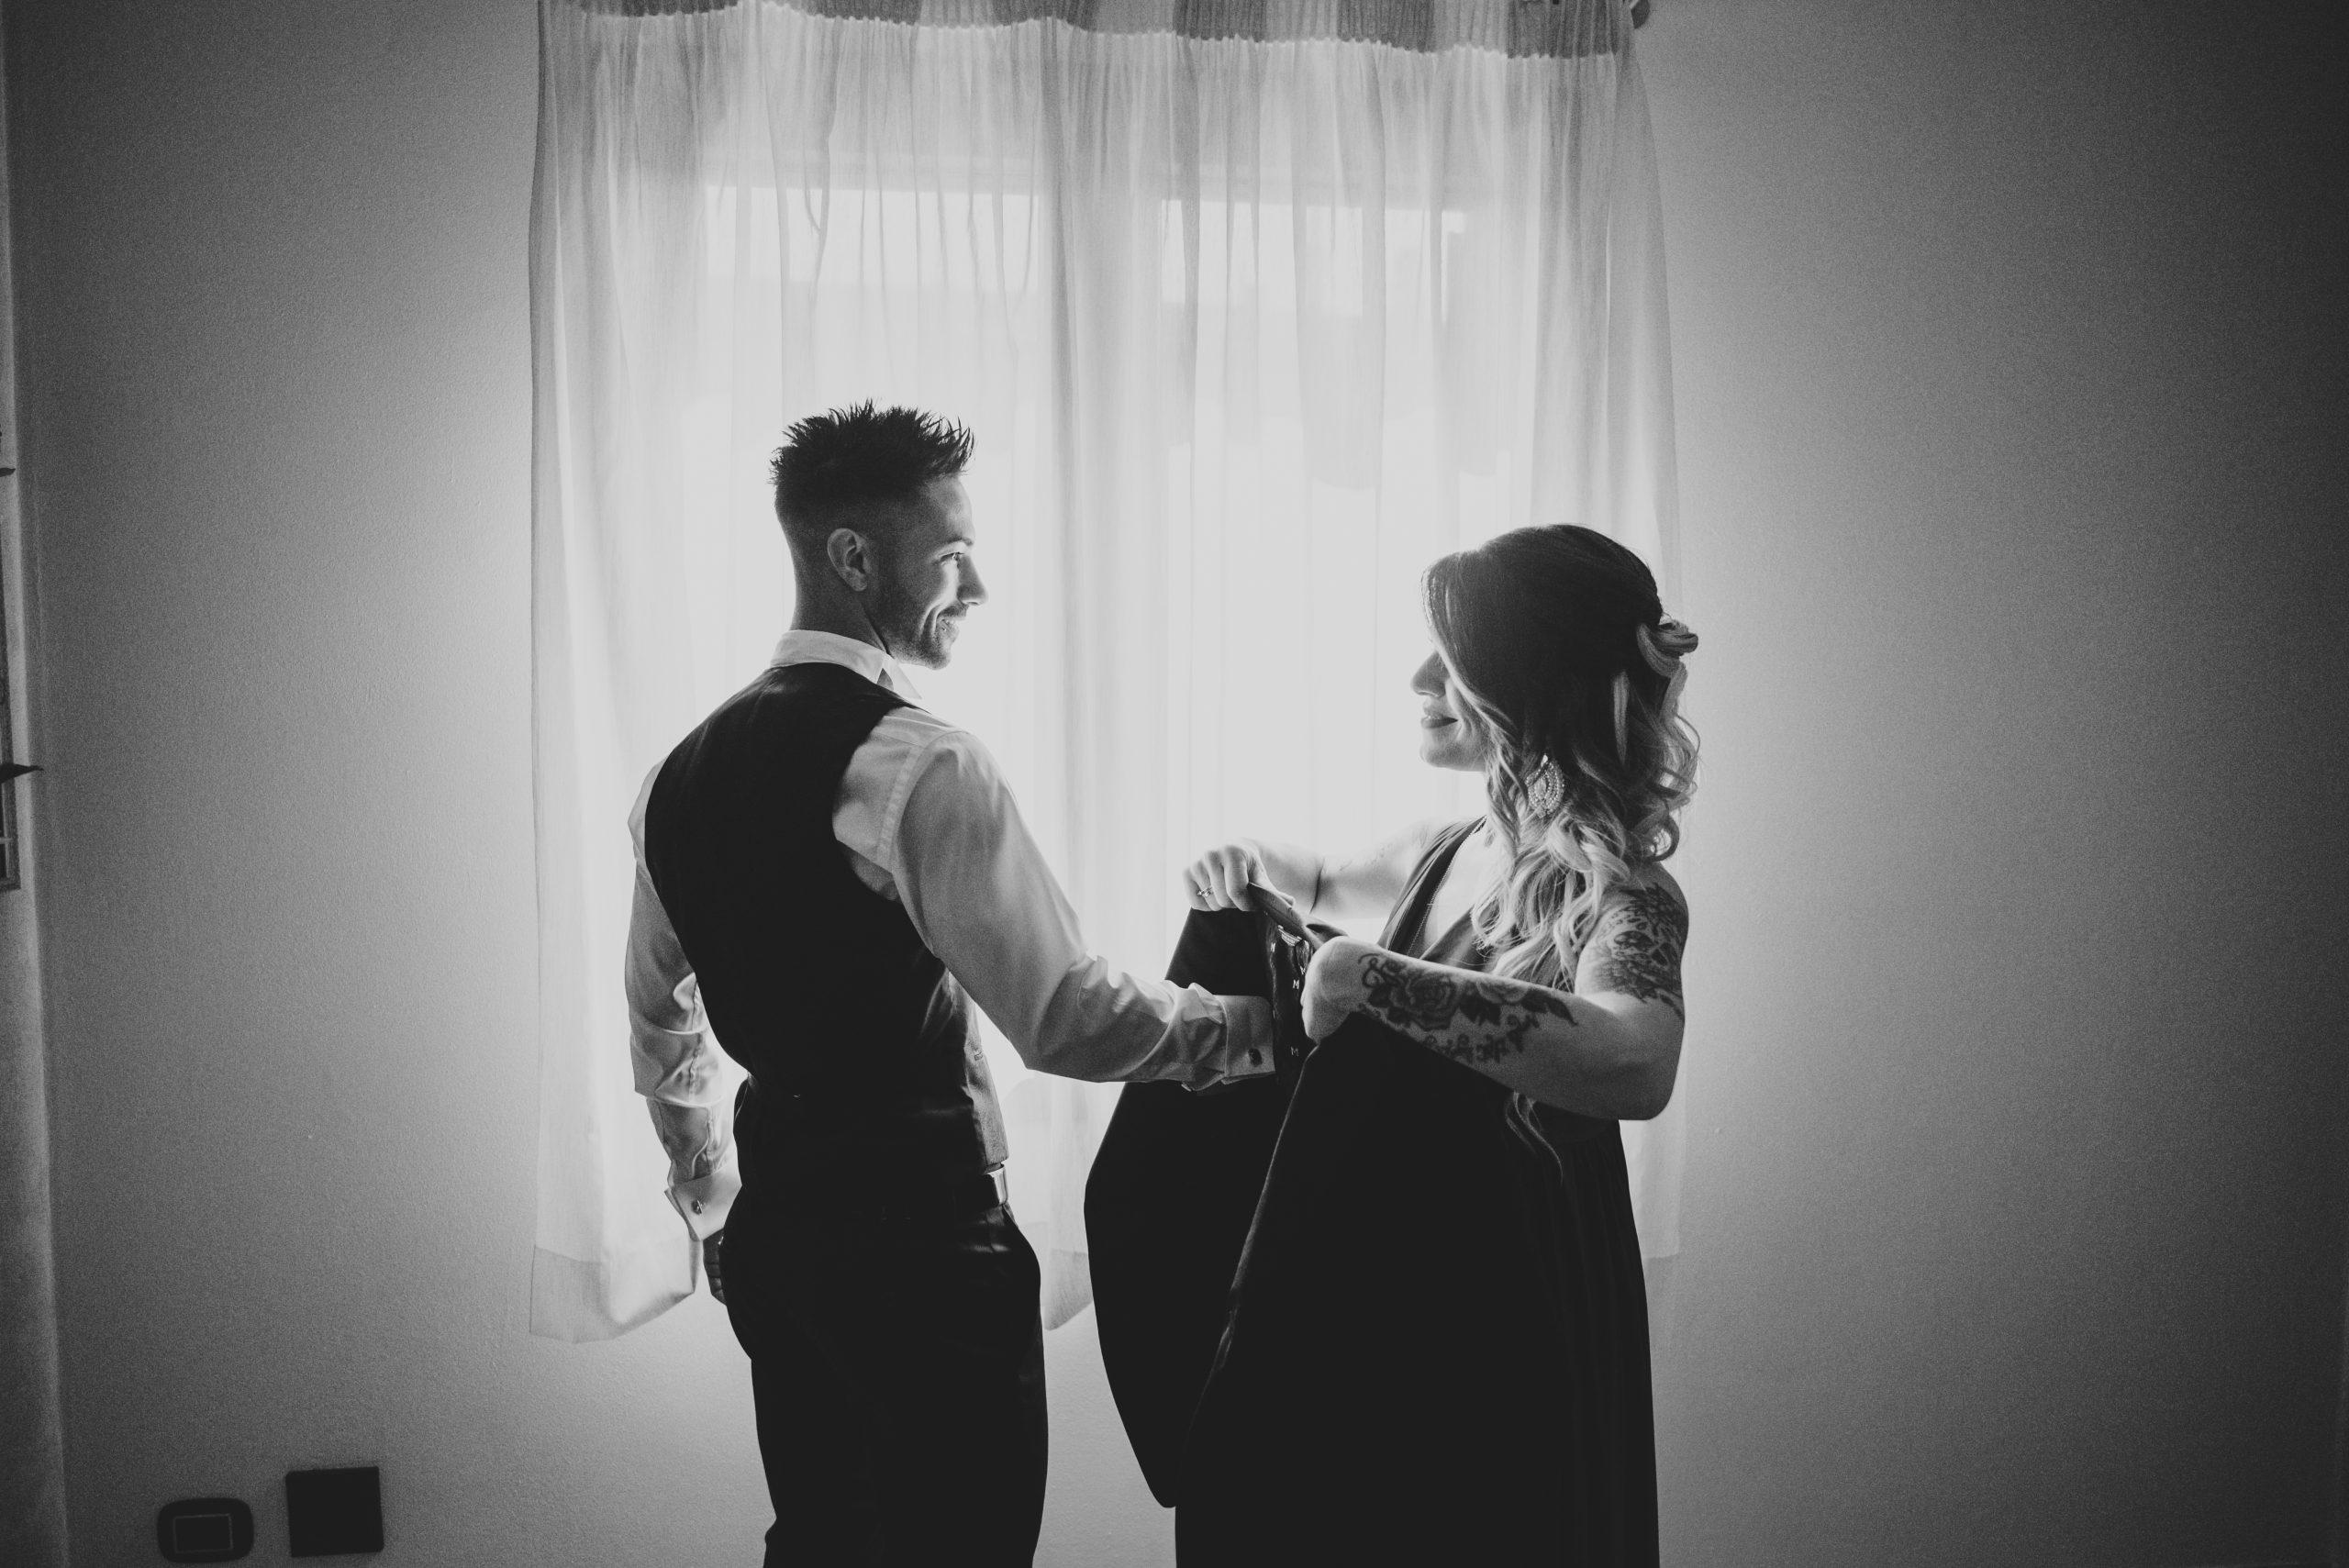 foto in bianco e nero dello sorella sposo che aiuta lo sposo a vestirsi